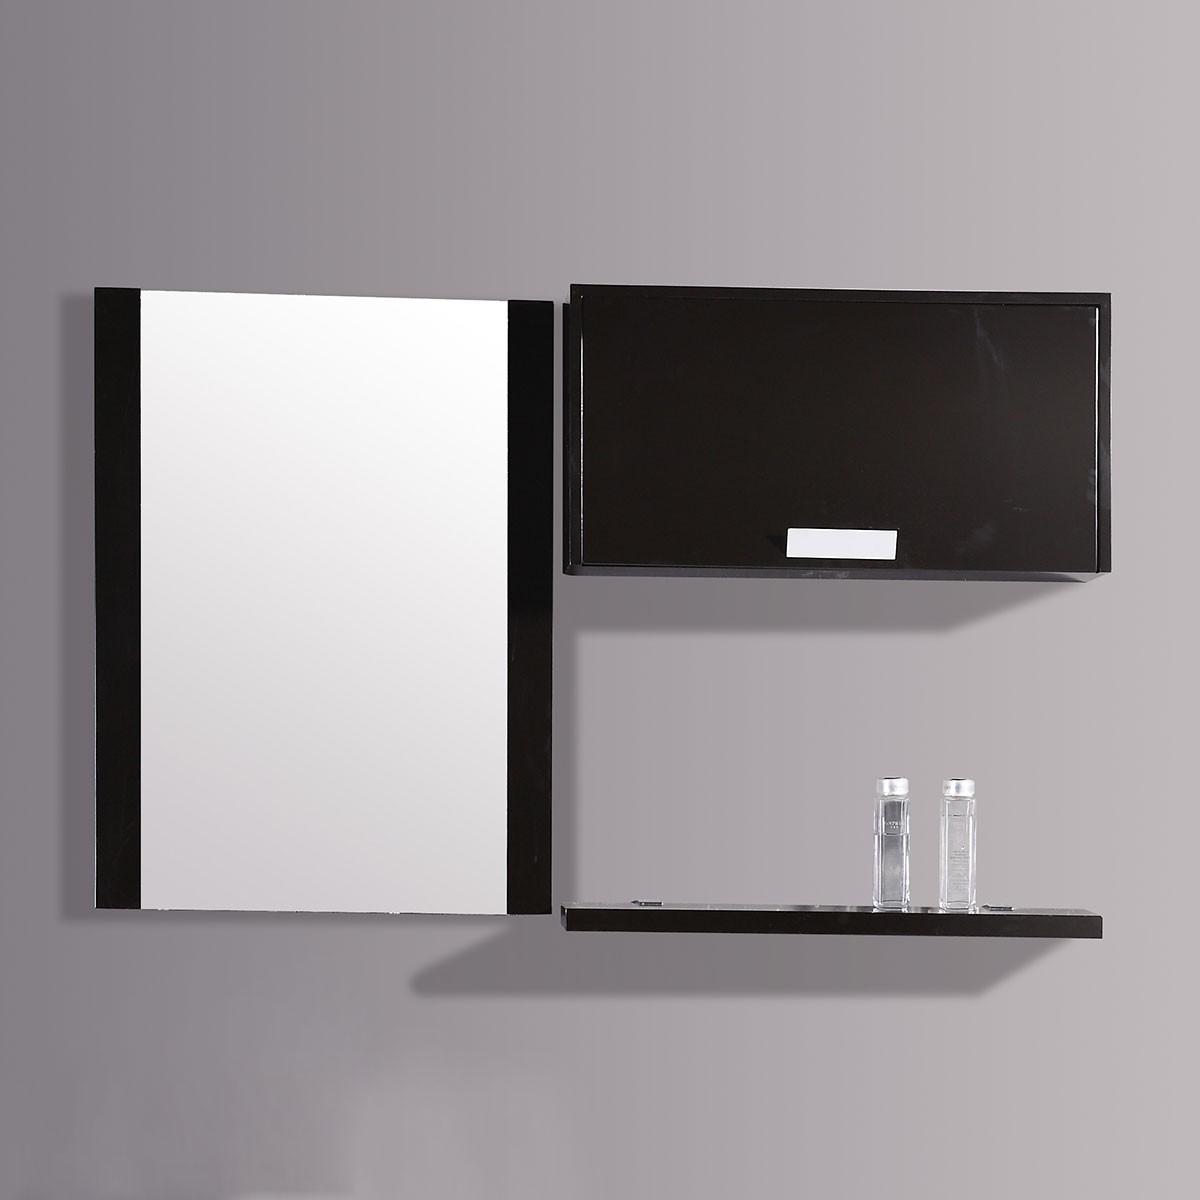 24 x 31 po Miroir avec étagère latérale espresso (DK-T9099B-M)